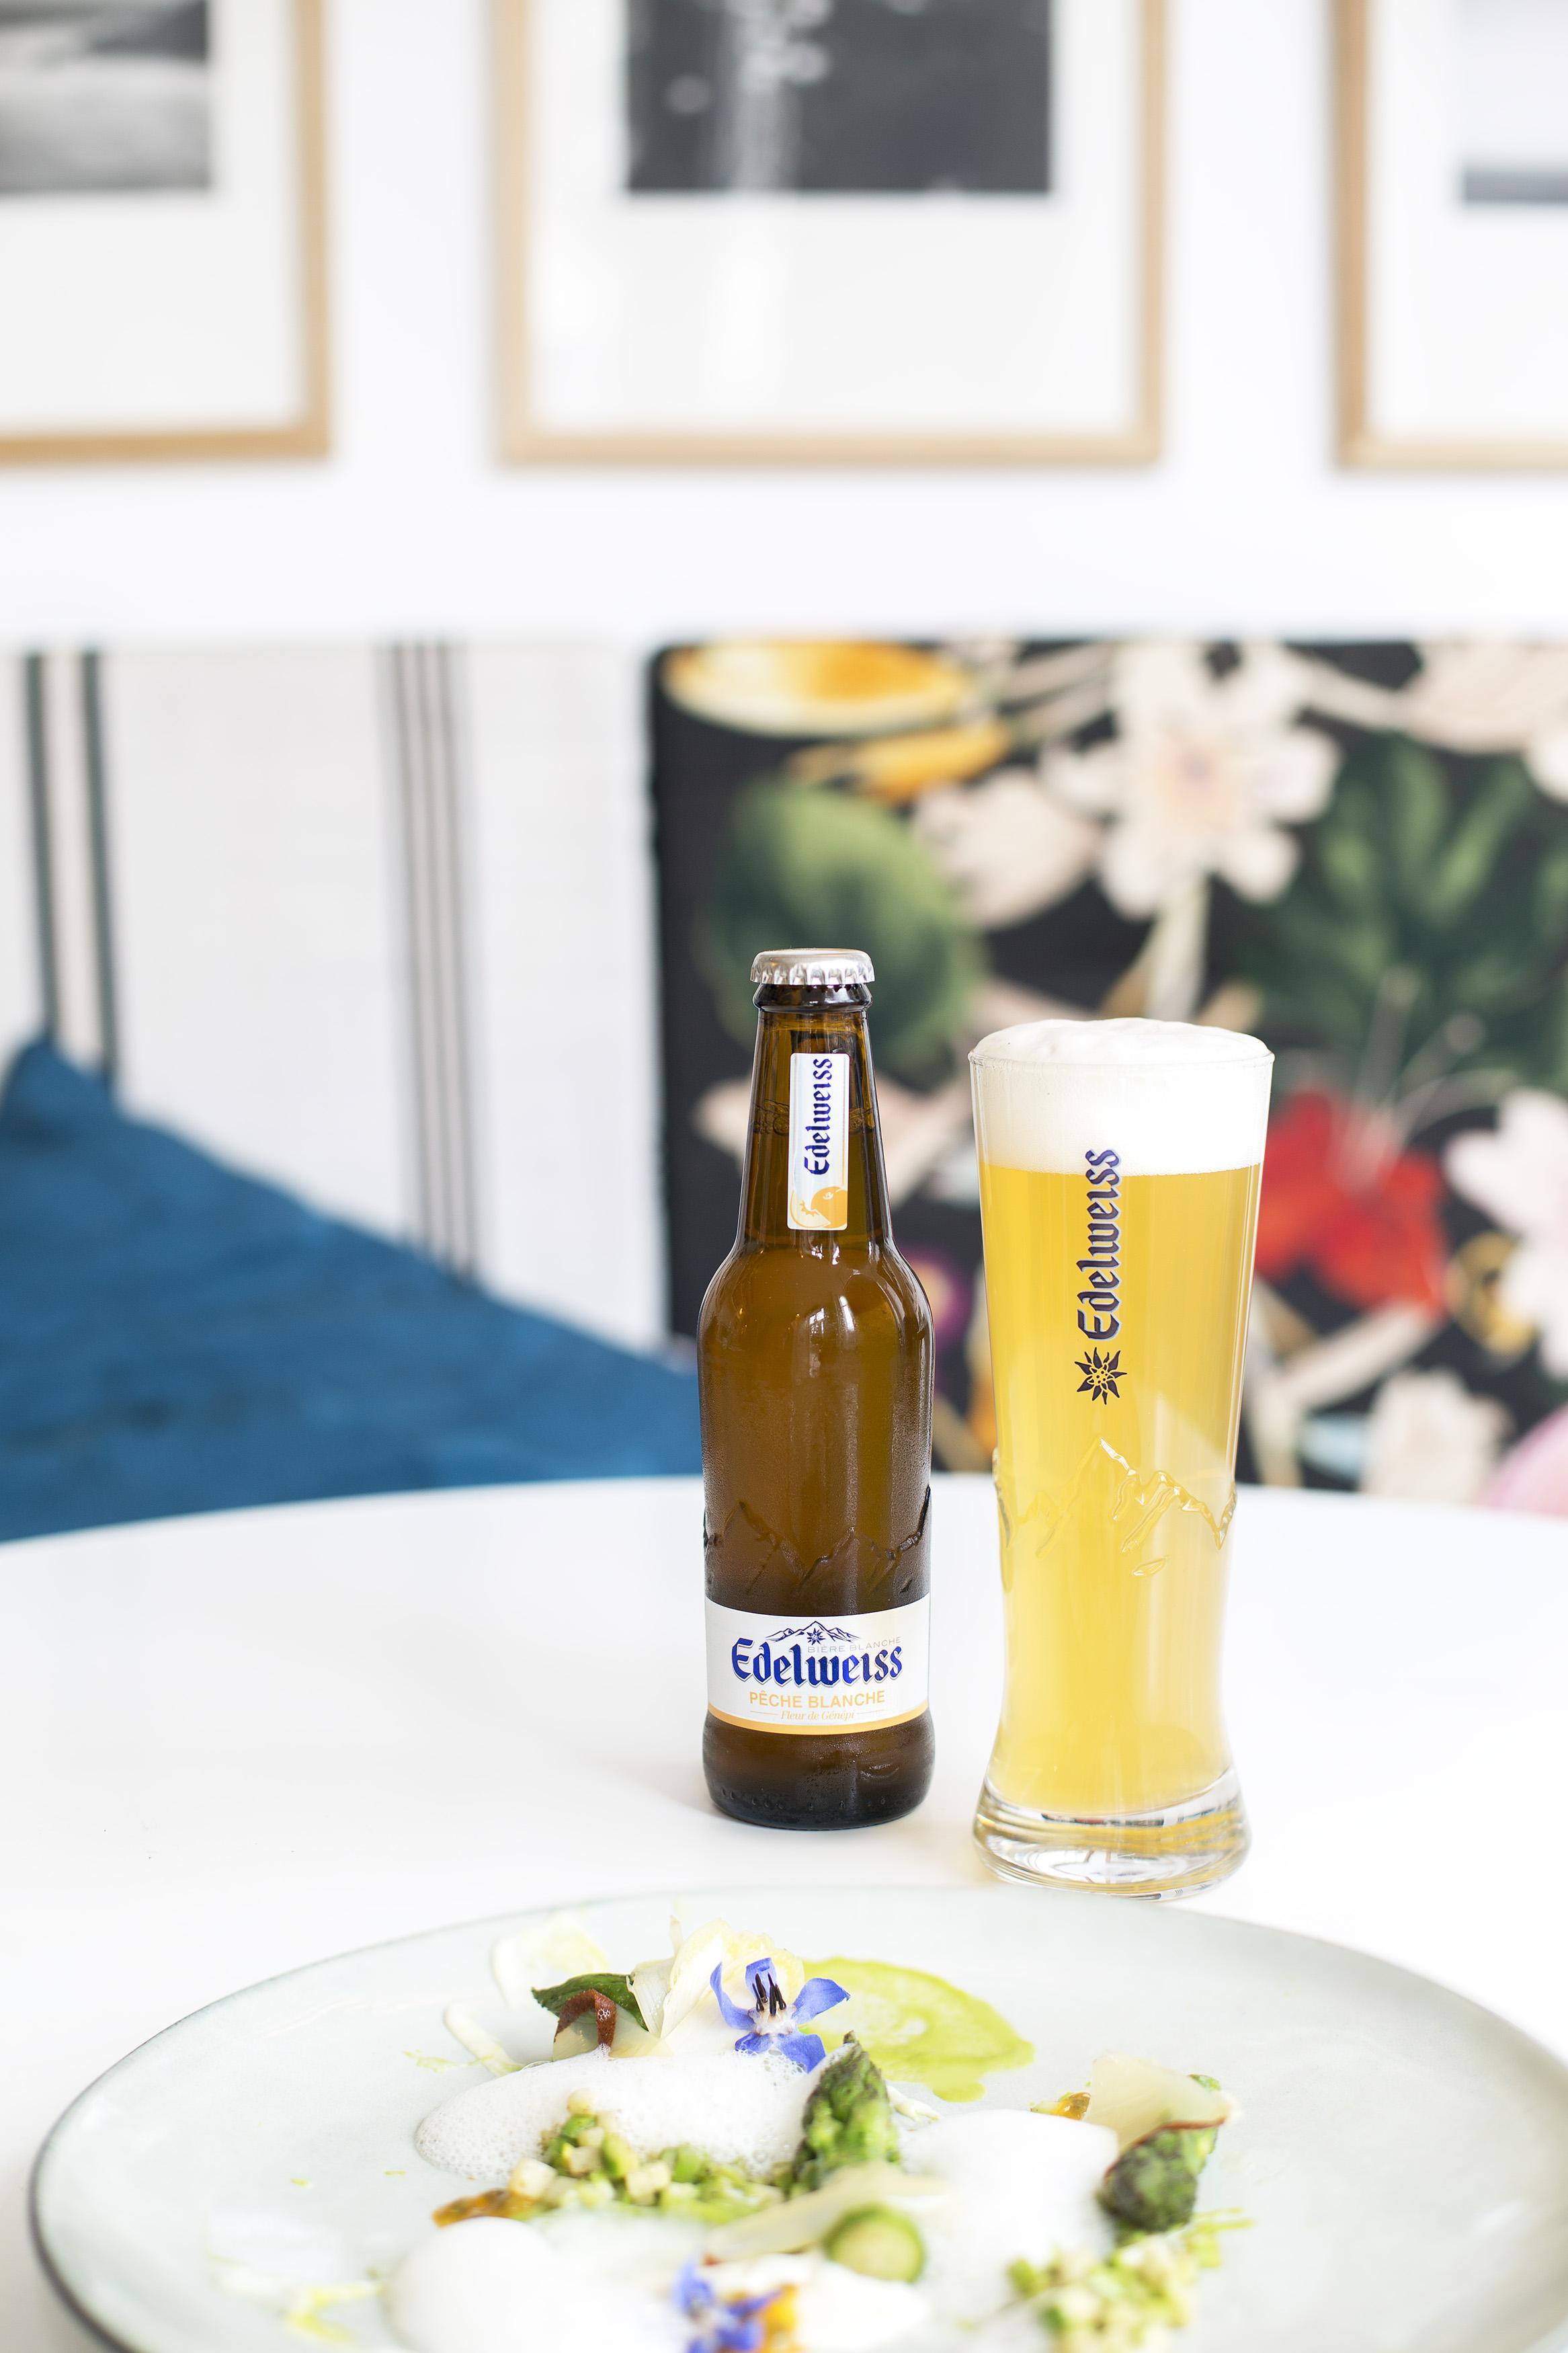 Peche Blanche Et Fleur De Genepi La Nouvelle Biere Edelweiss